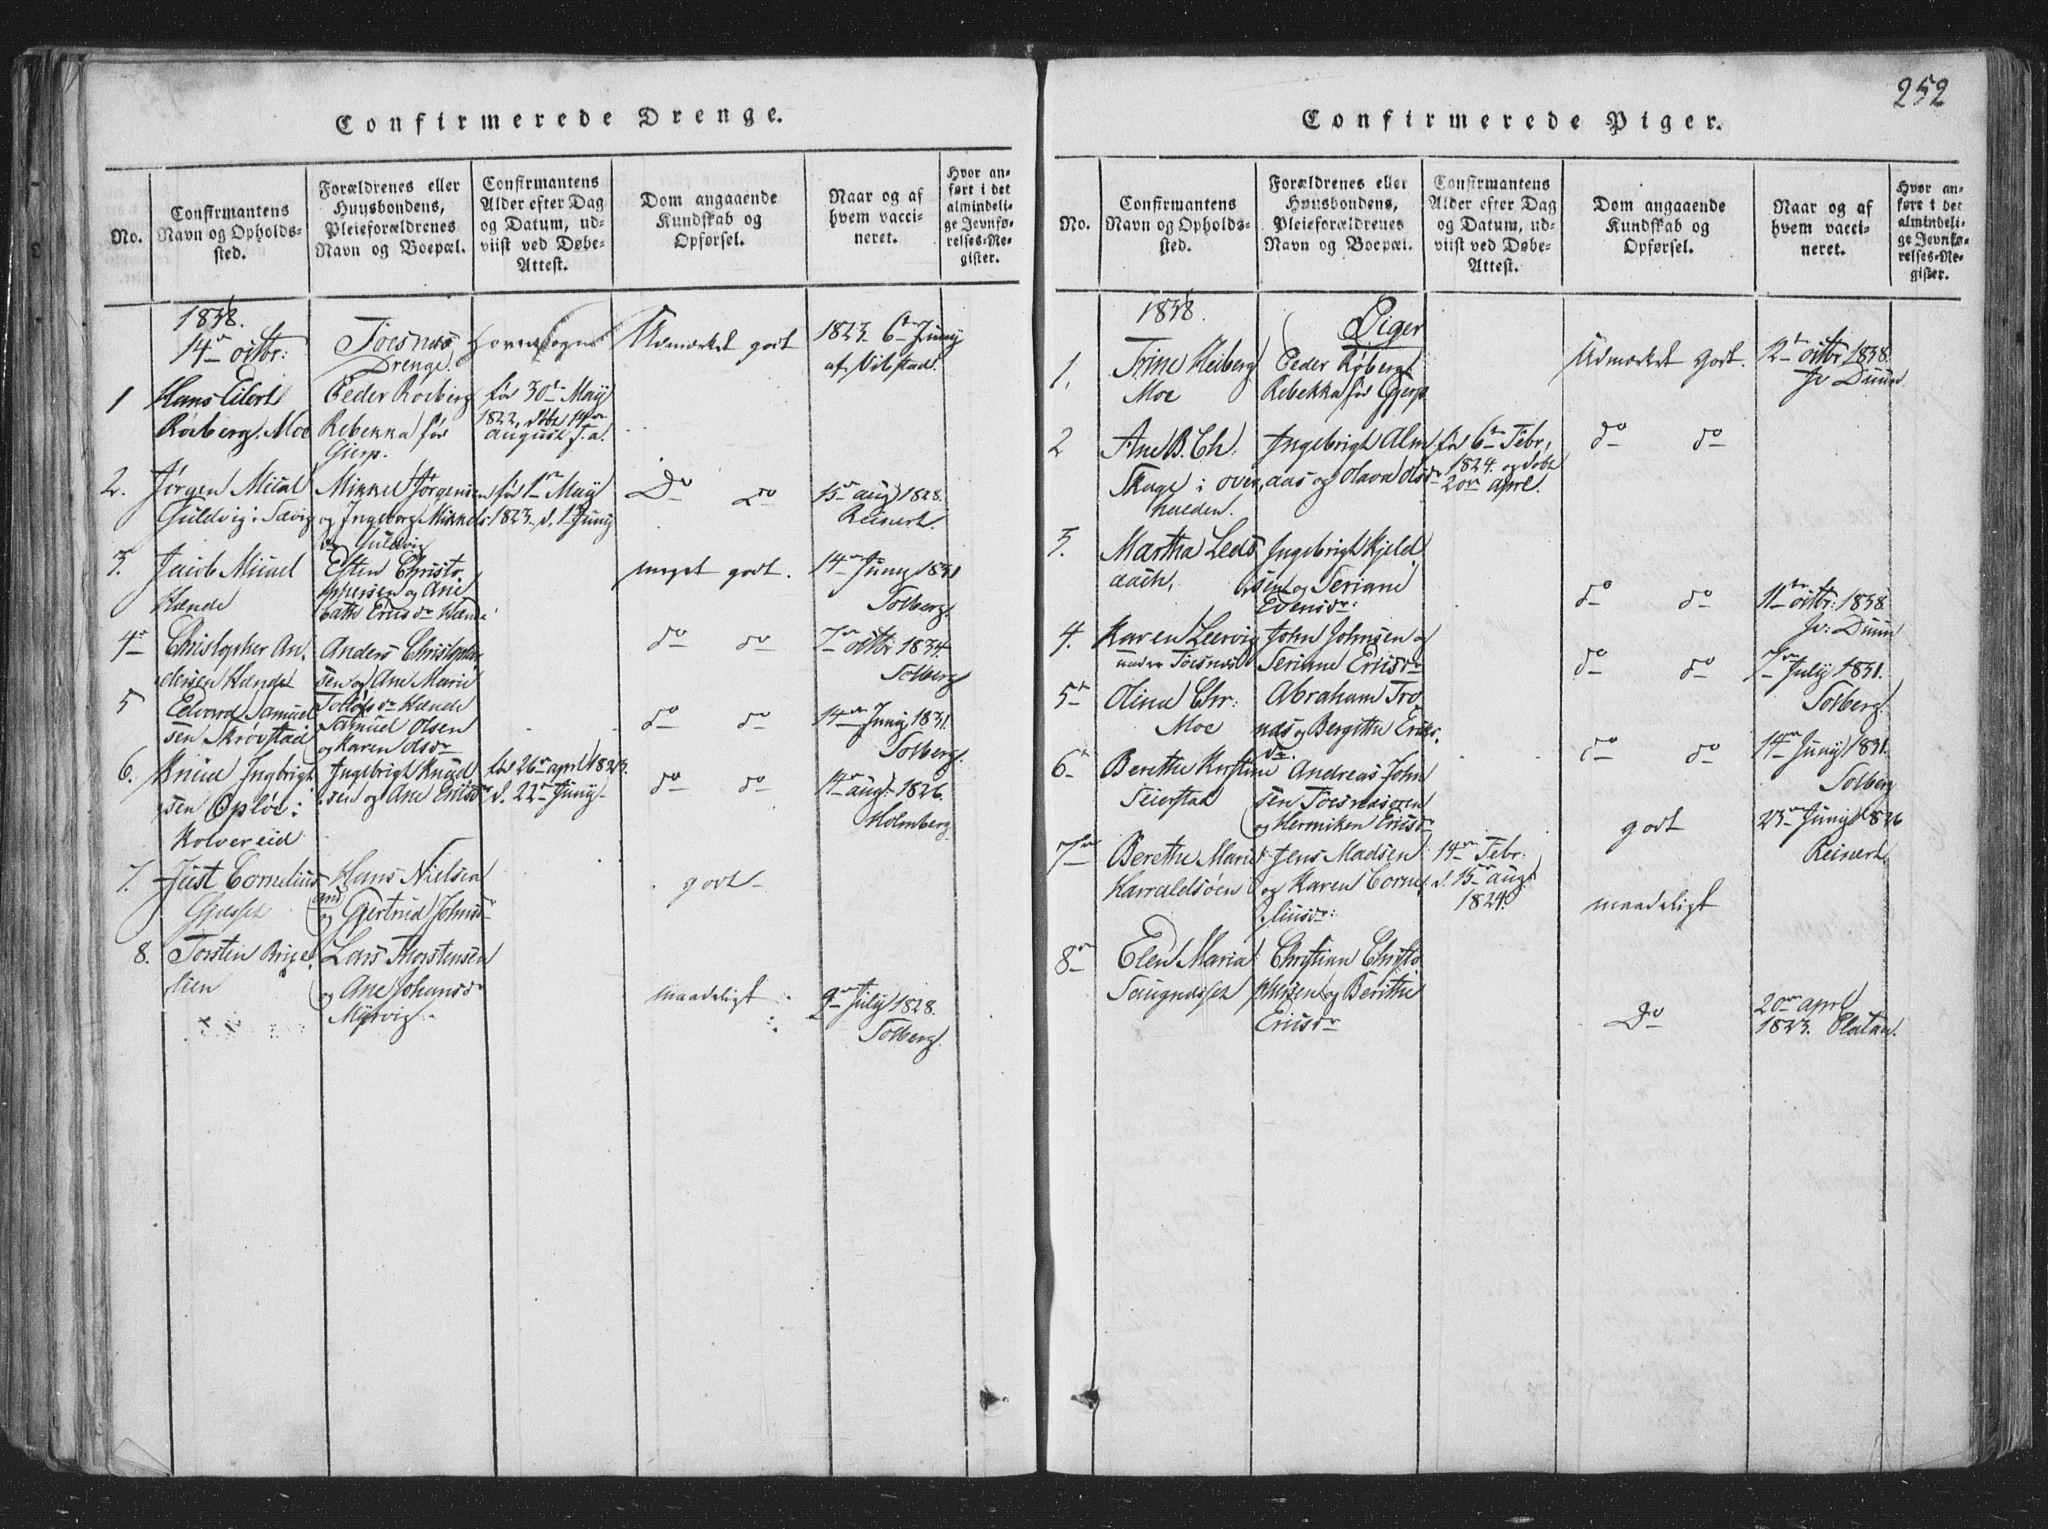 SAT, Ministerialprotokoller, klokkerbøker og fødselsregistre - Nord-Trøndelag, 773/L0613: Ministerialbok nr. 773A04, 1815-1845, s. 252